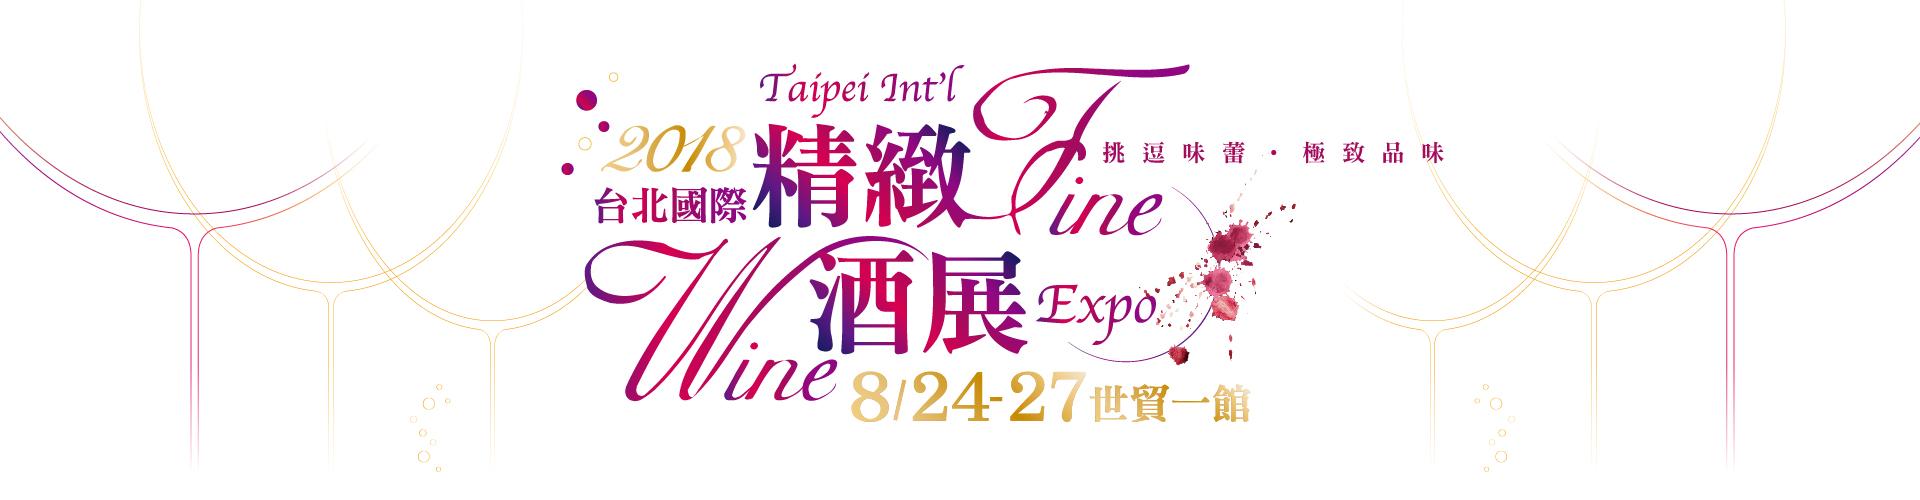 2018台北國際精緻酒展8/24-27世貿一館